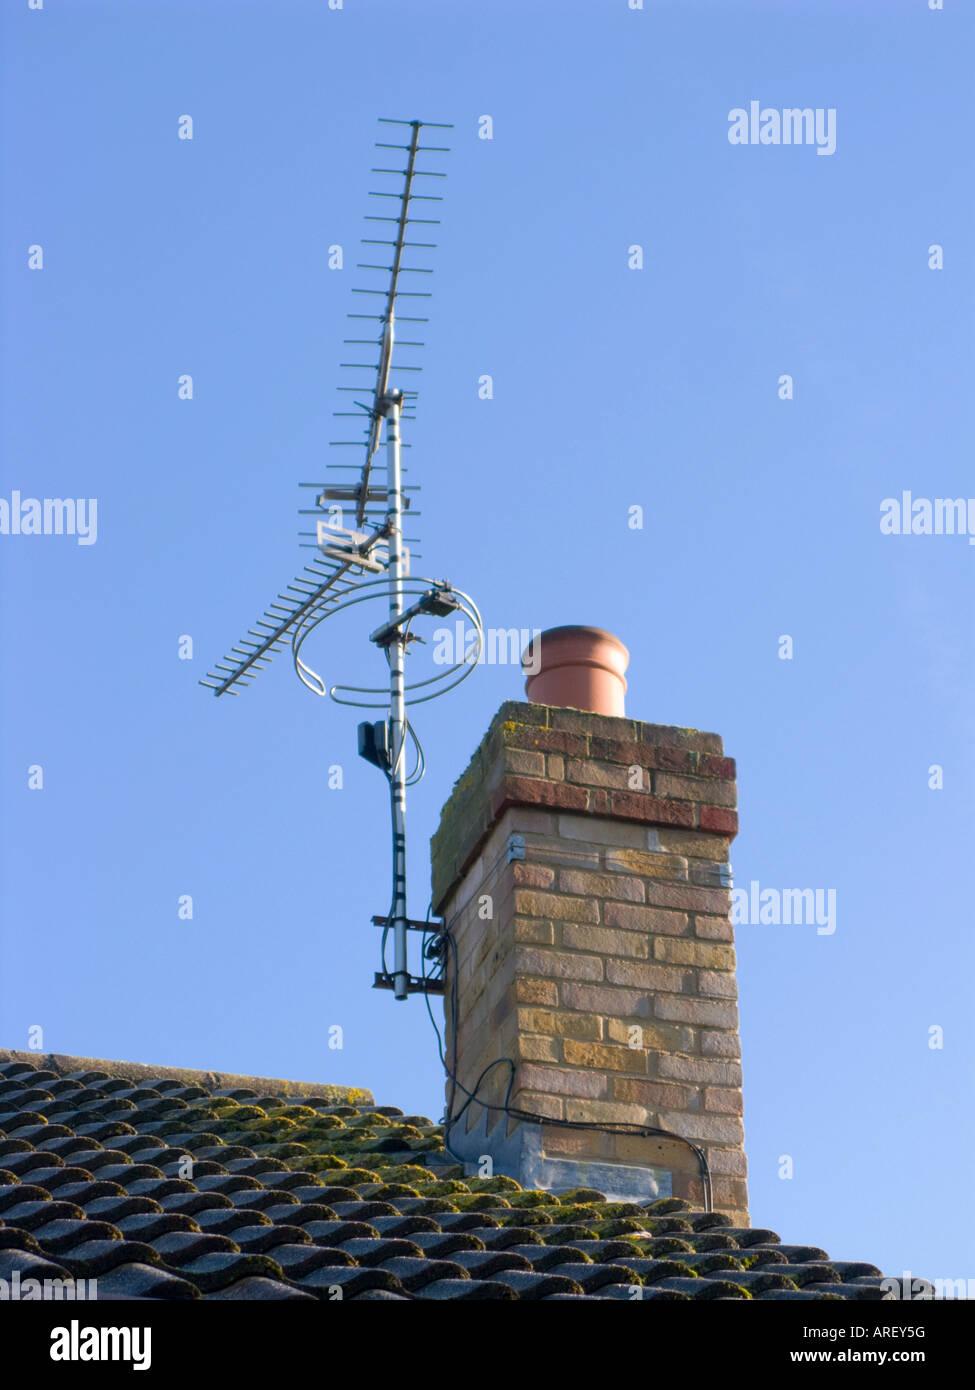 Farbbild auf ein Dach und Chimley verfügt über eine tv-Antenne befestigt ist, klaren, blauen Himmel Stockfoto